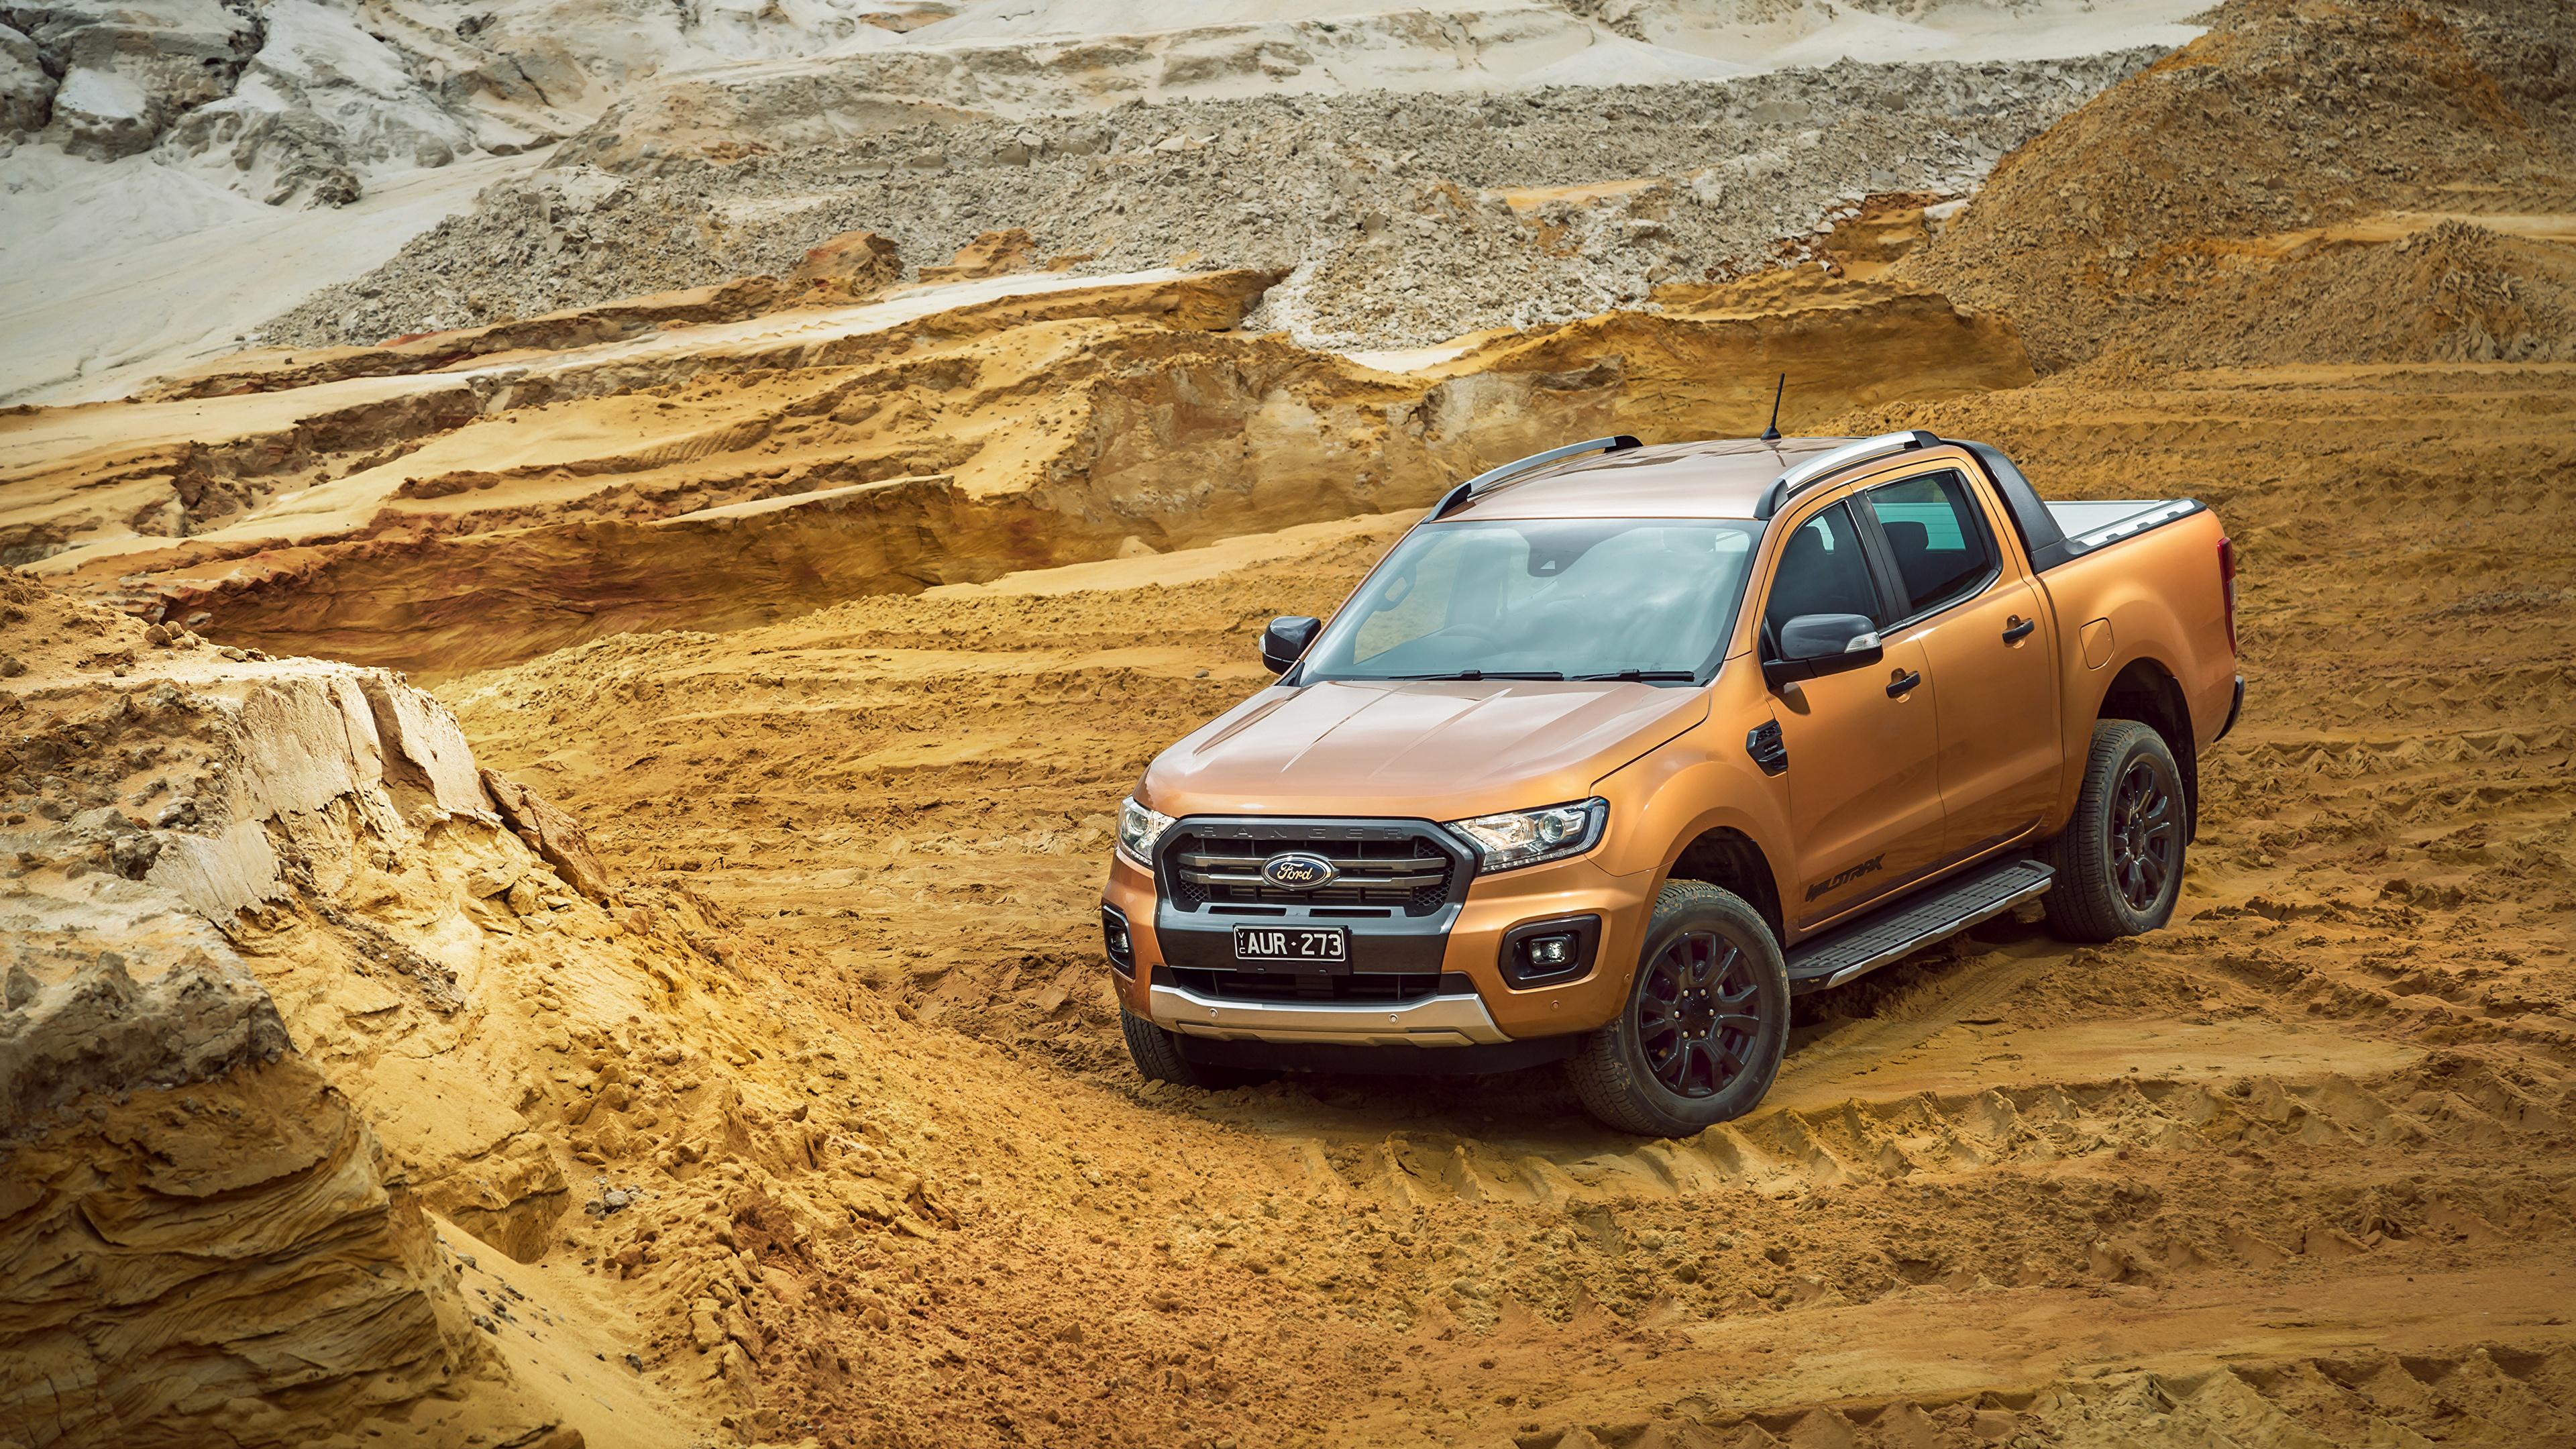 Fondos De Pantalla 3840x2160 Ford 2018 19 Ranger Wildtrak